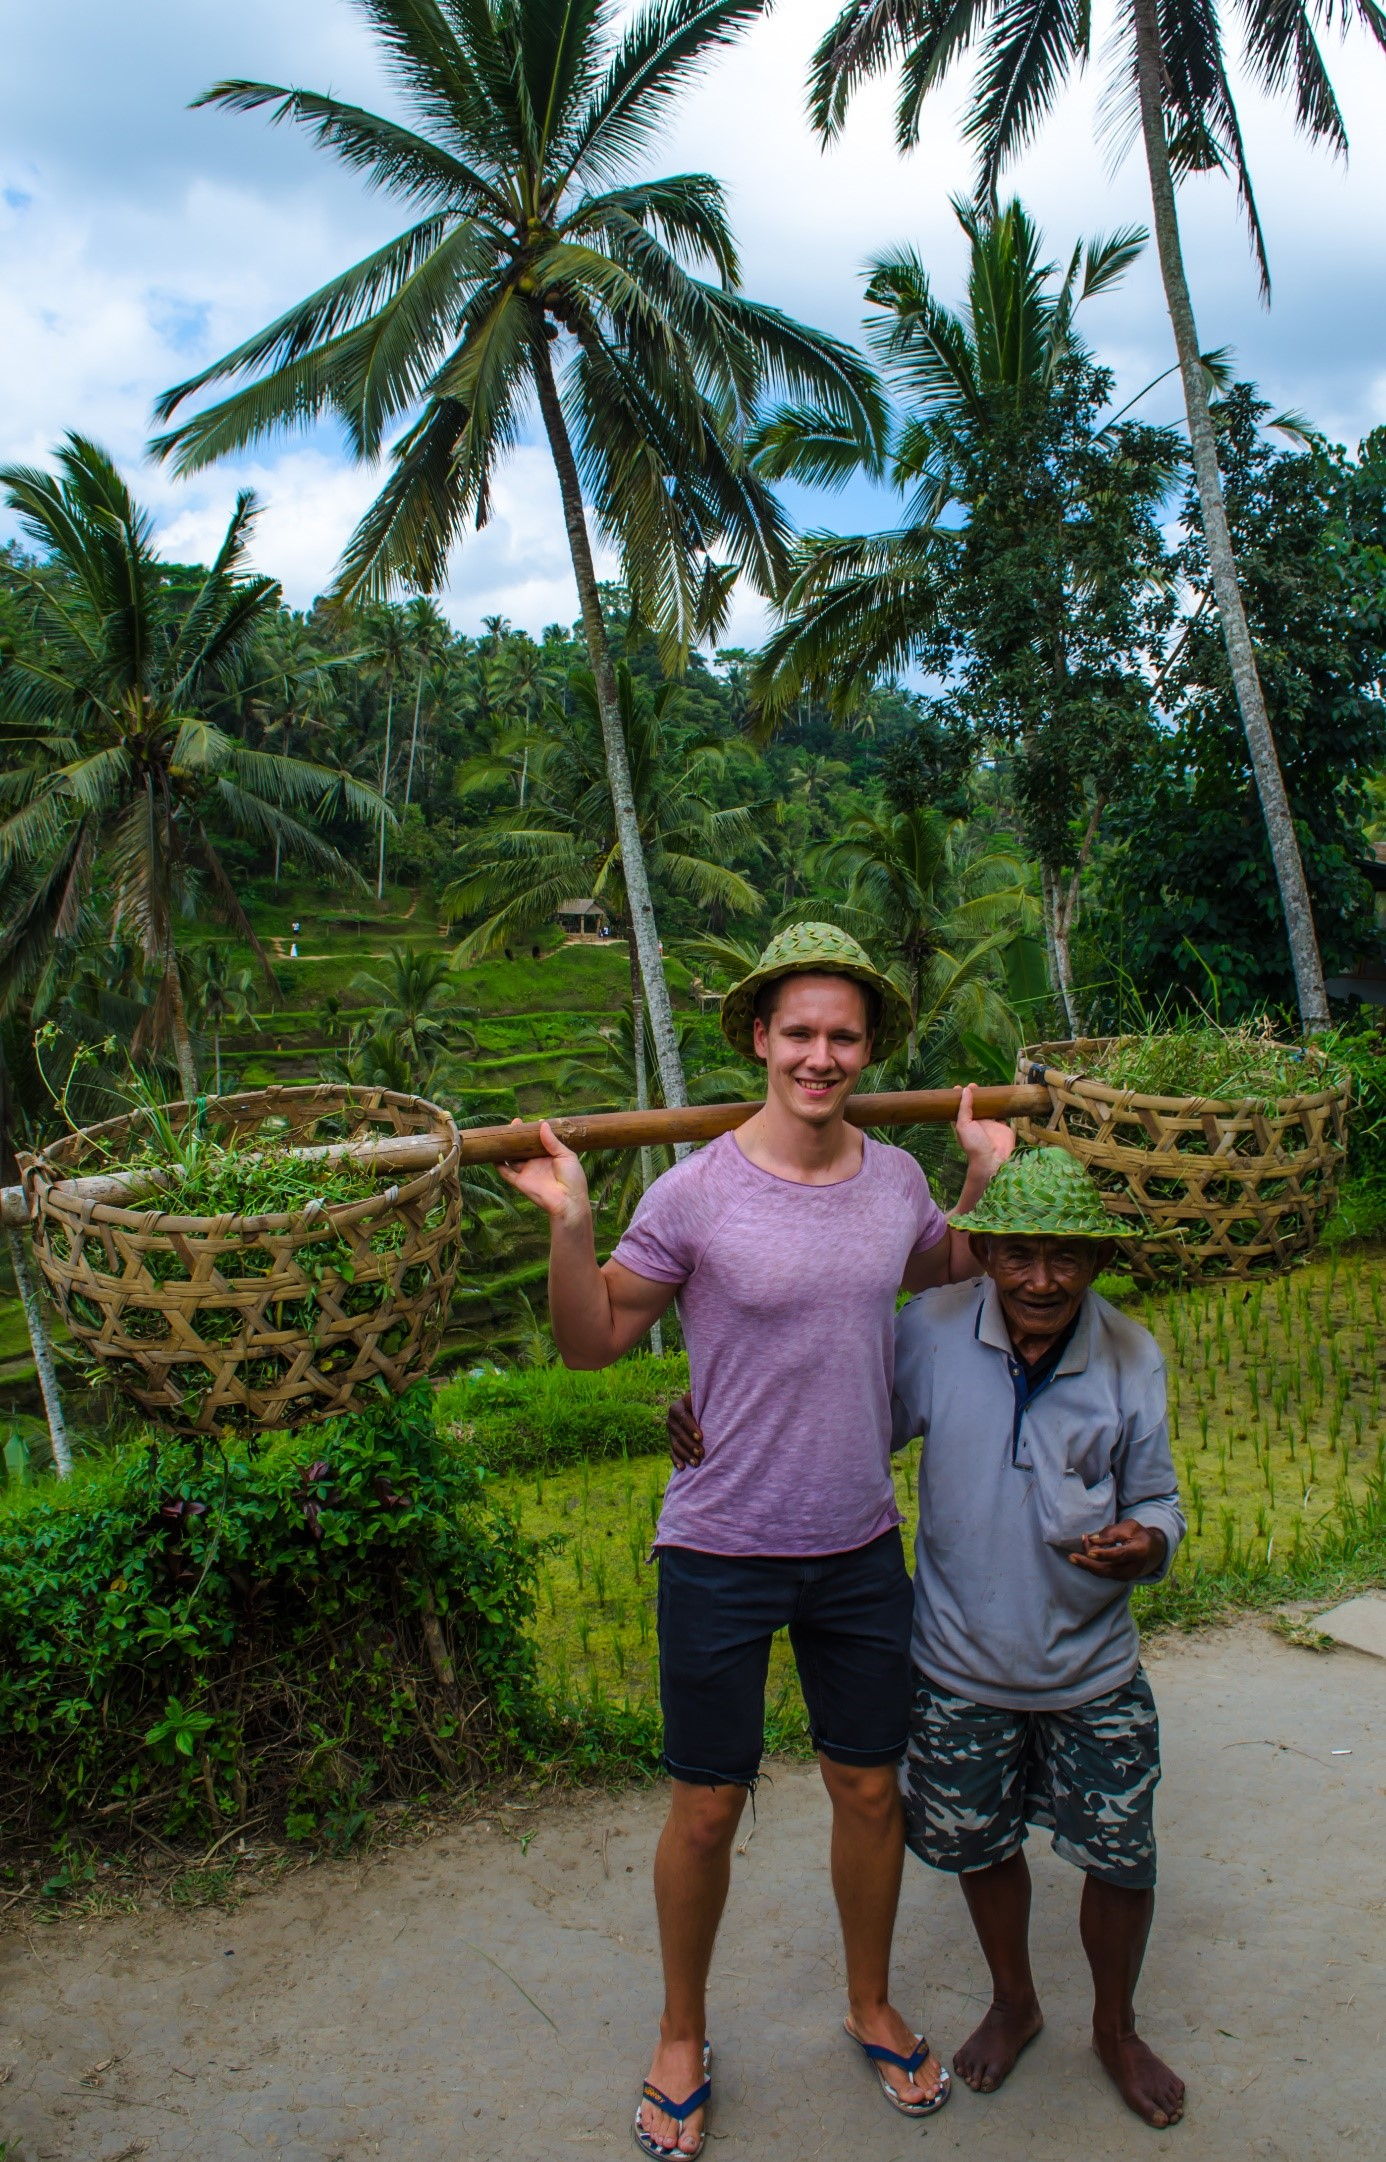 Für das Foto mit dem Reisbauern musste ich natürlich auch ein paar Cent zahlen